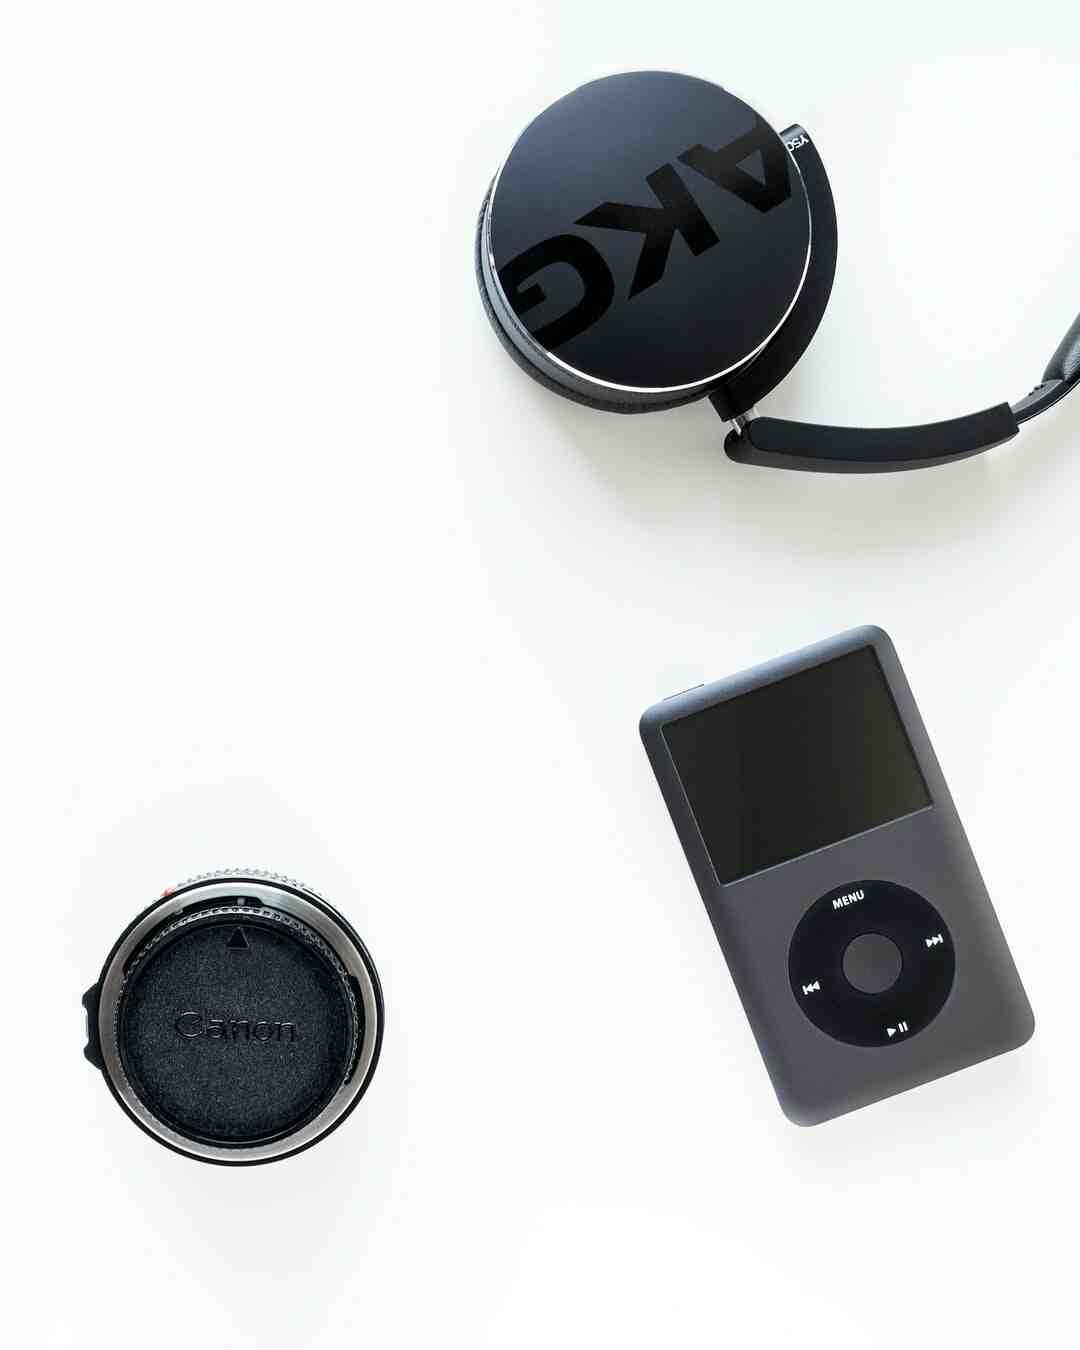 Comment savoir si mon iPod shuffle est chargé ?